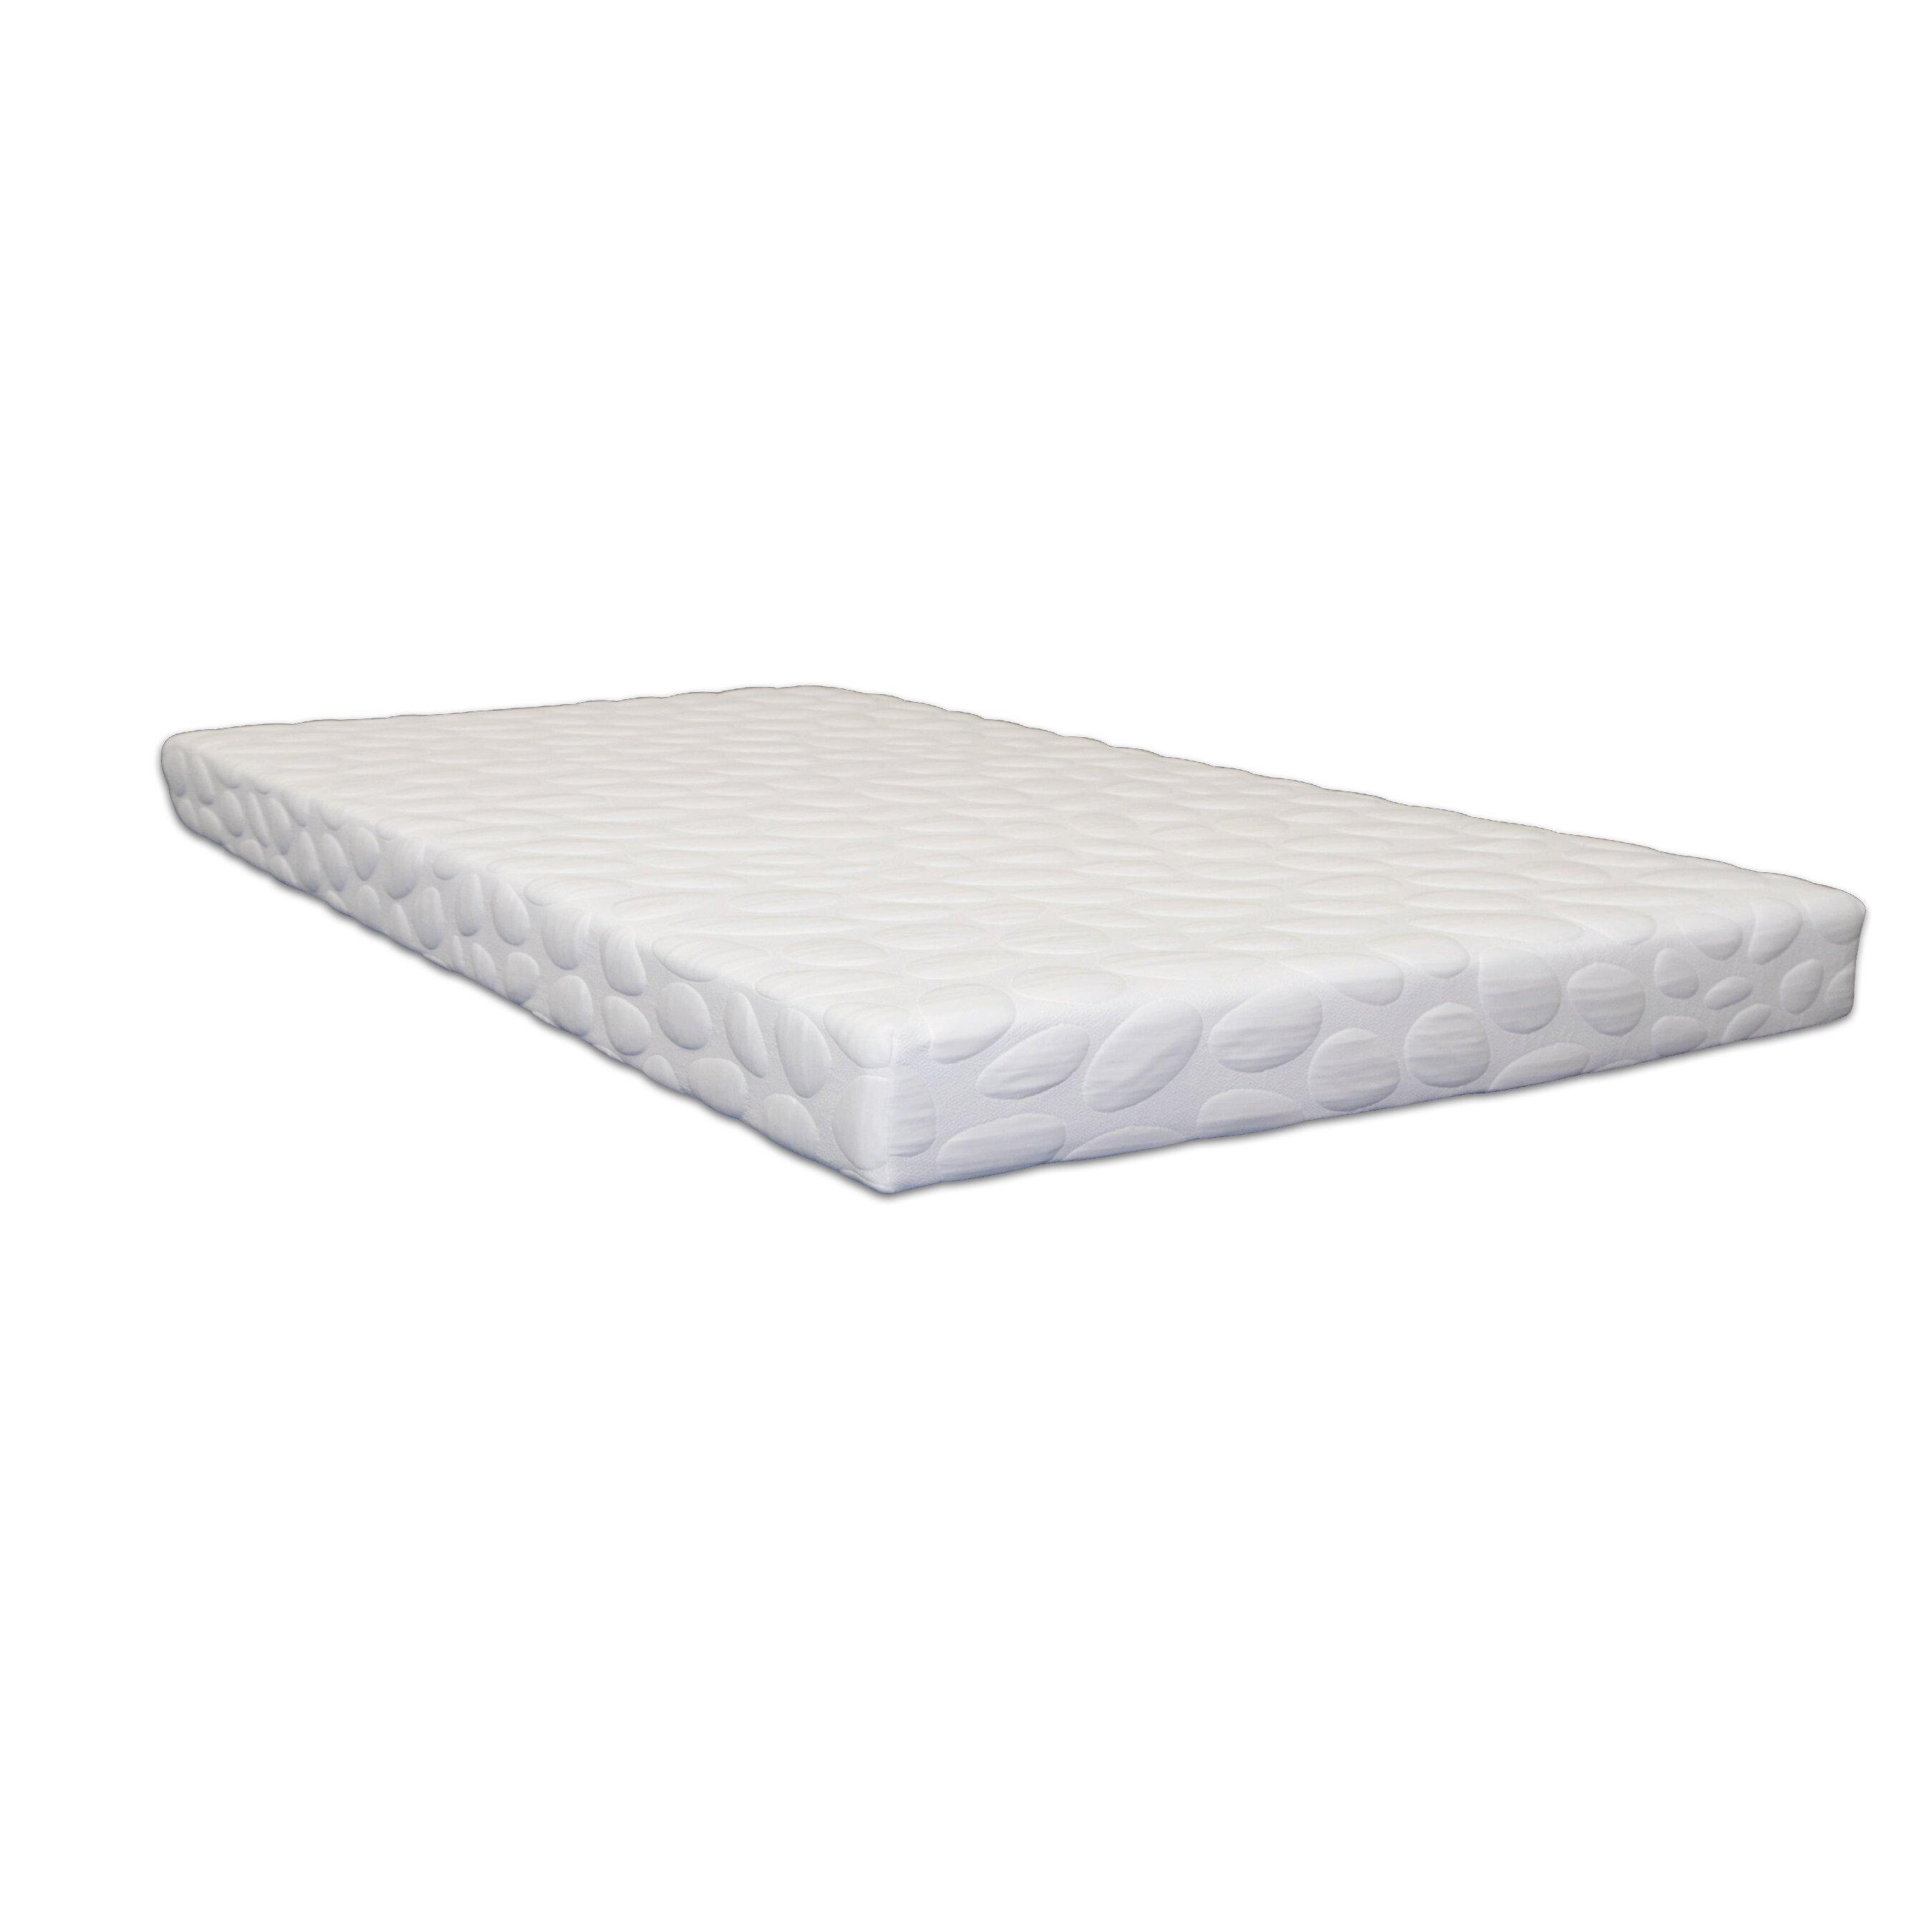 Nook Sleep Systems Pebble 6 Latex Foam Mattress Reviews Wayfair